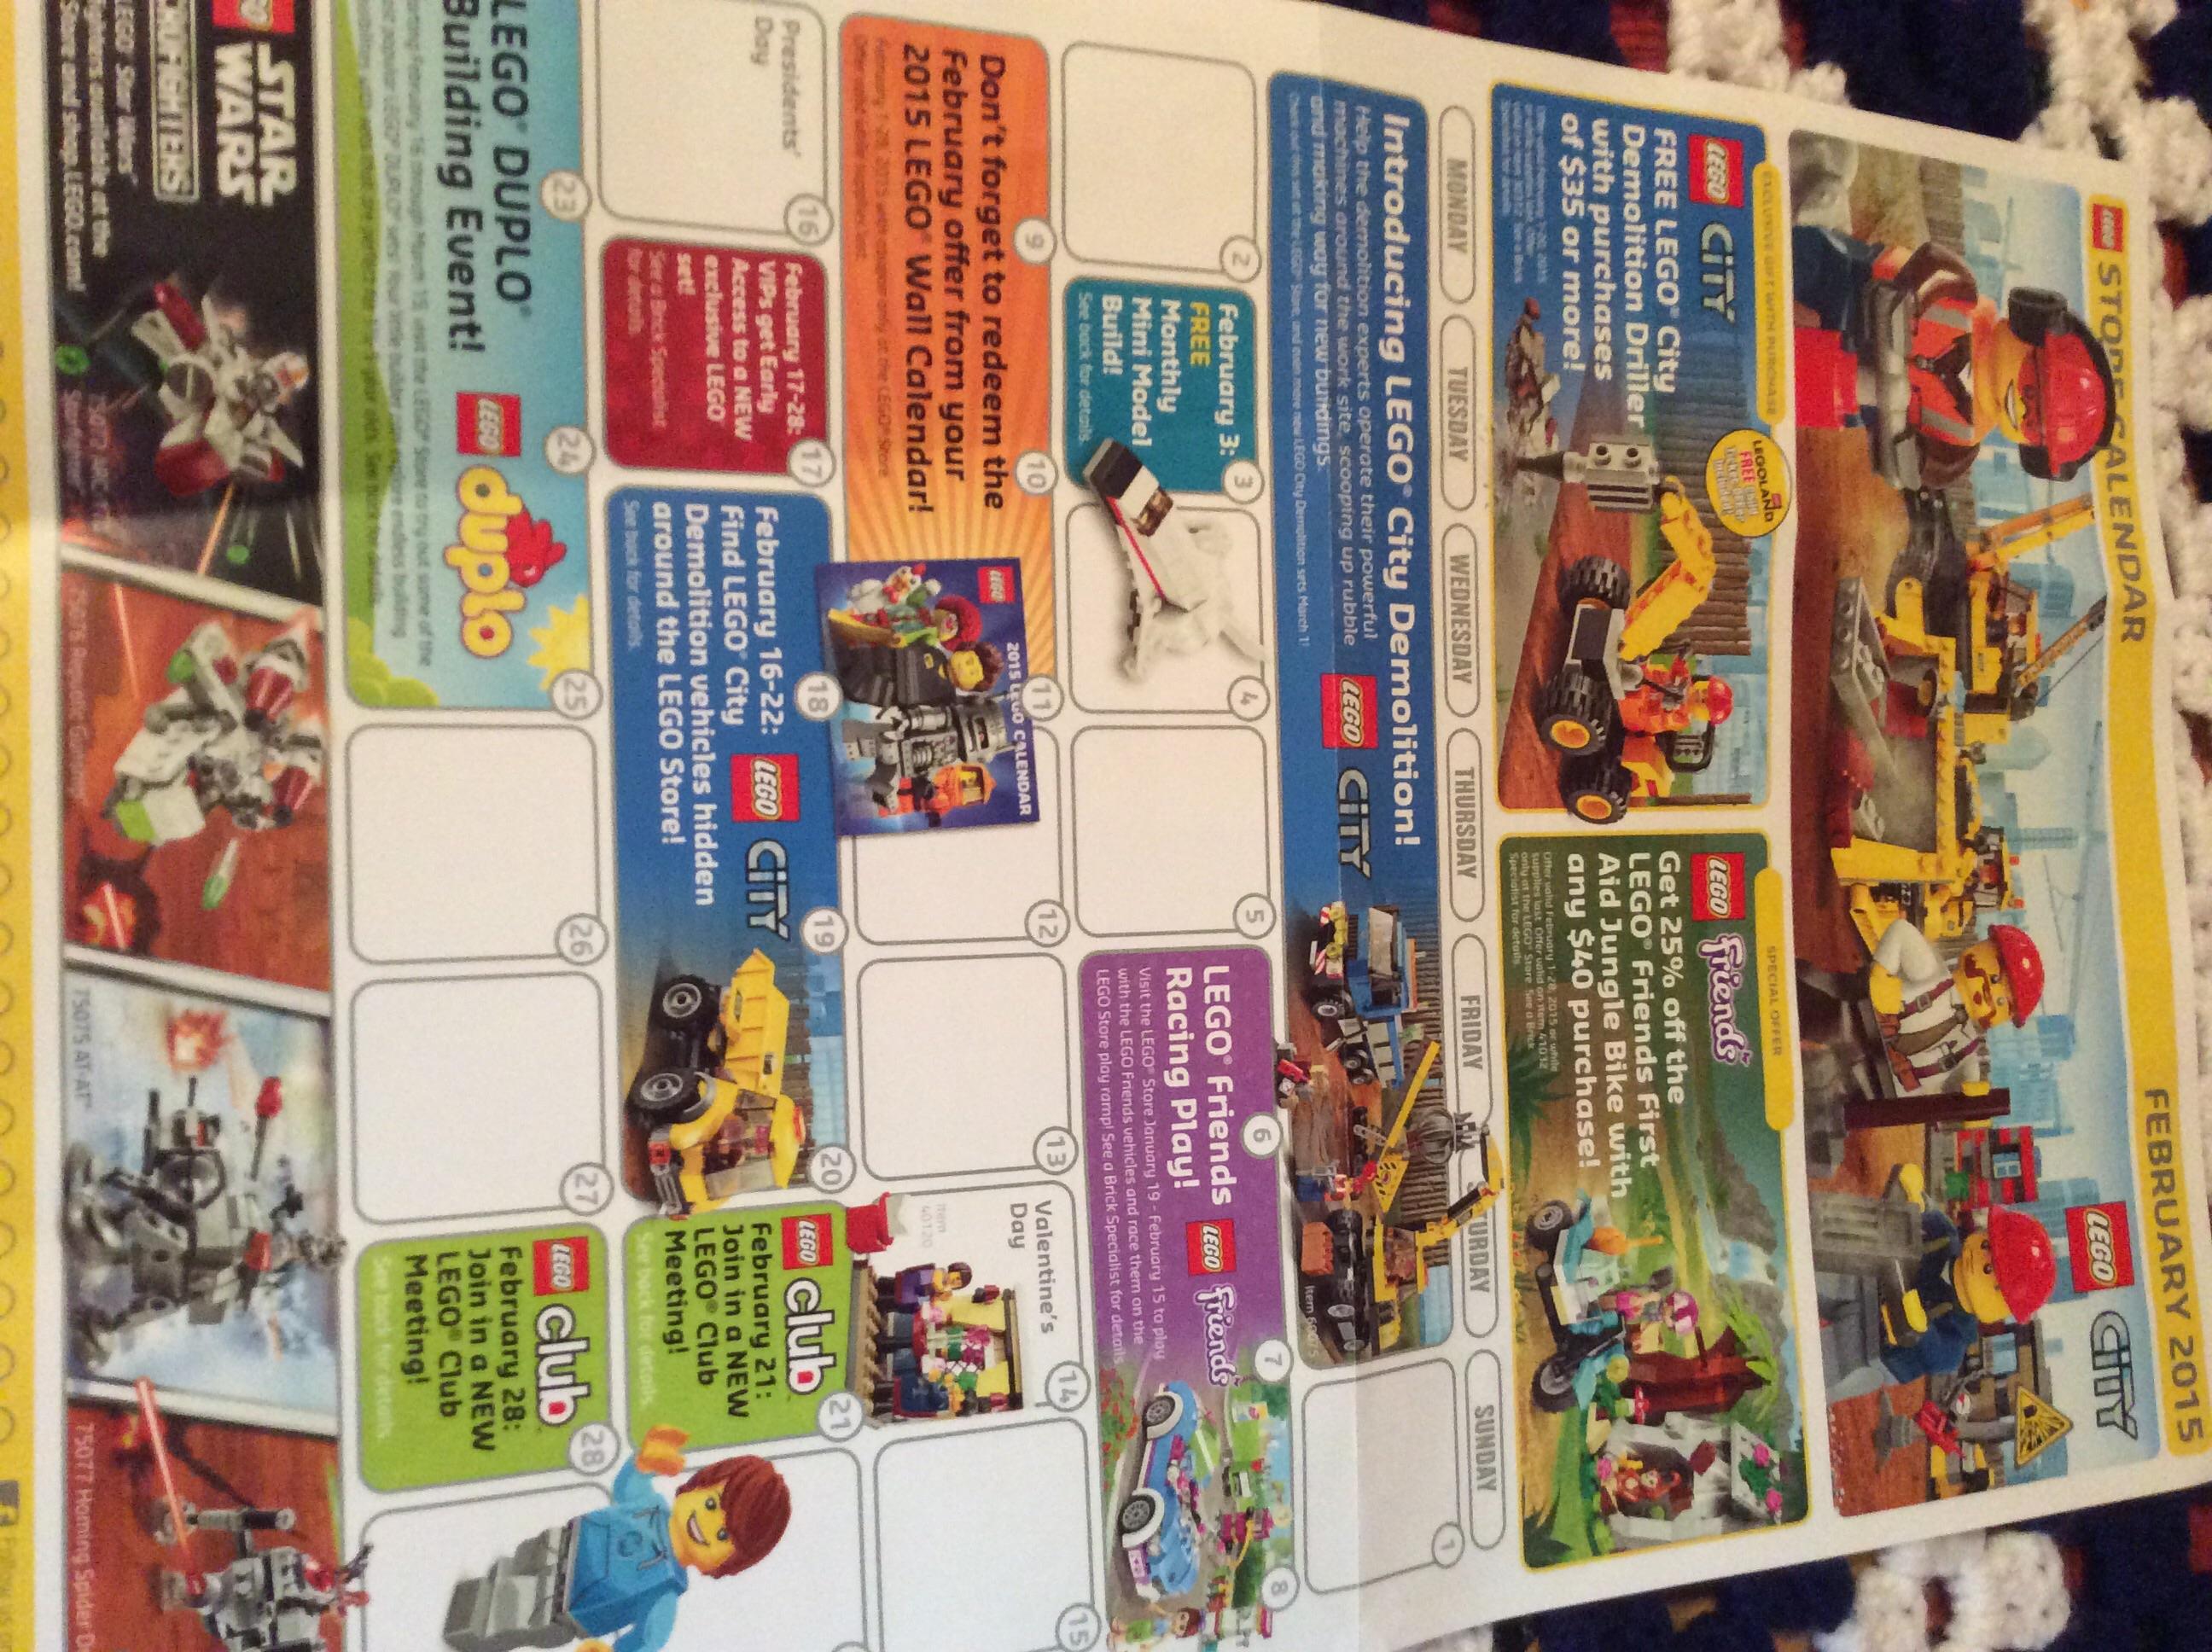 Lego Store February Calendar